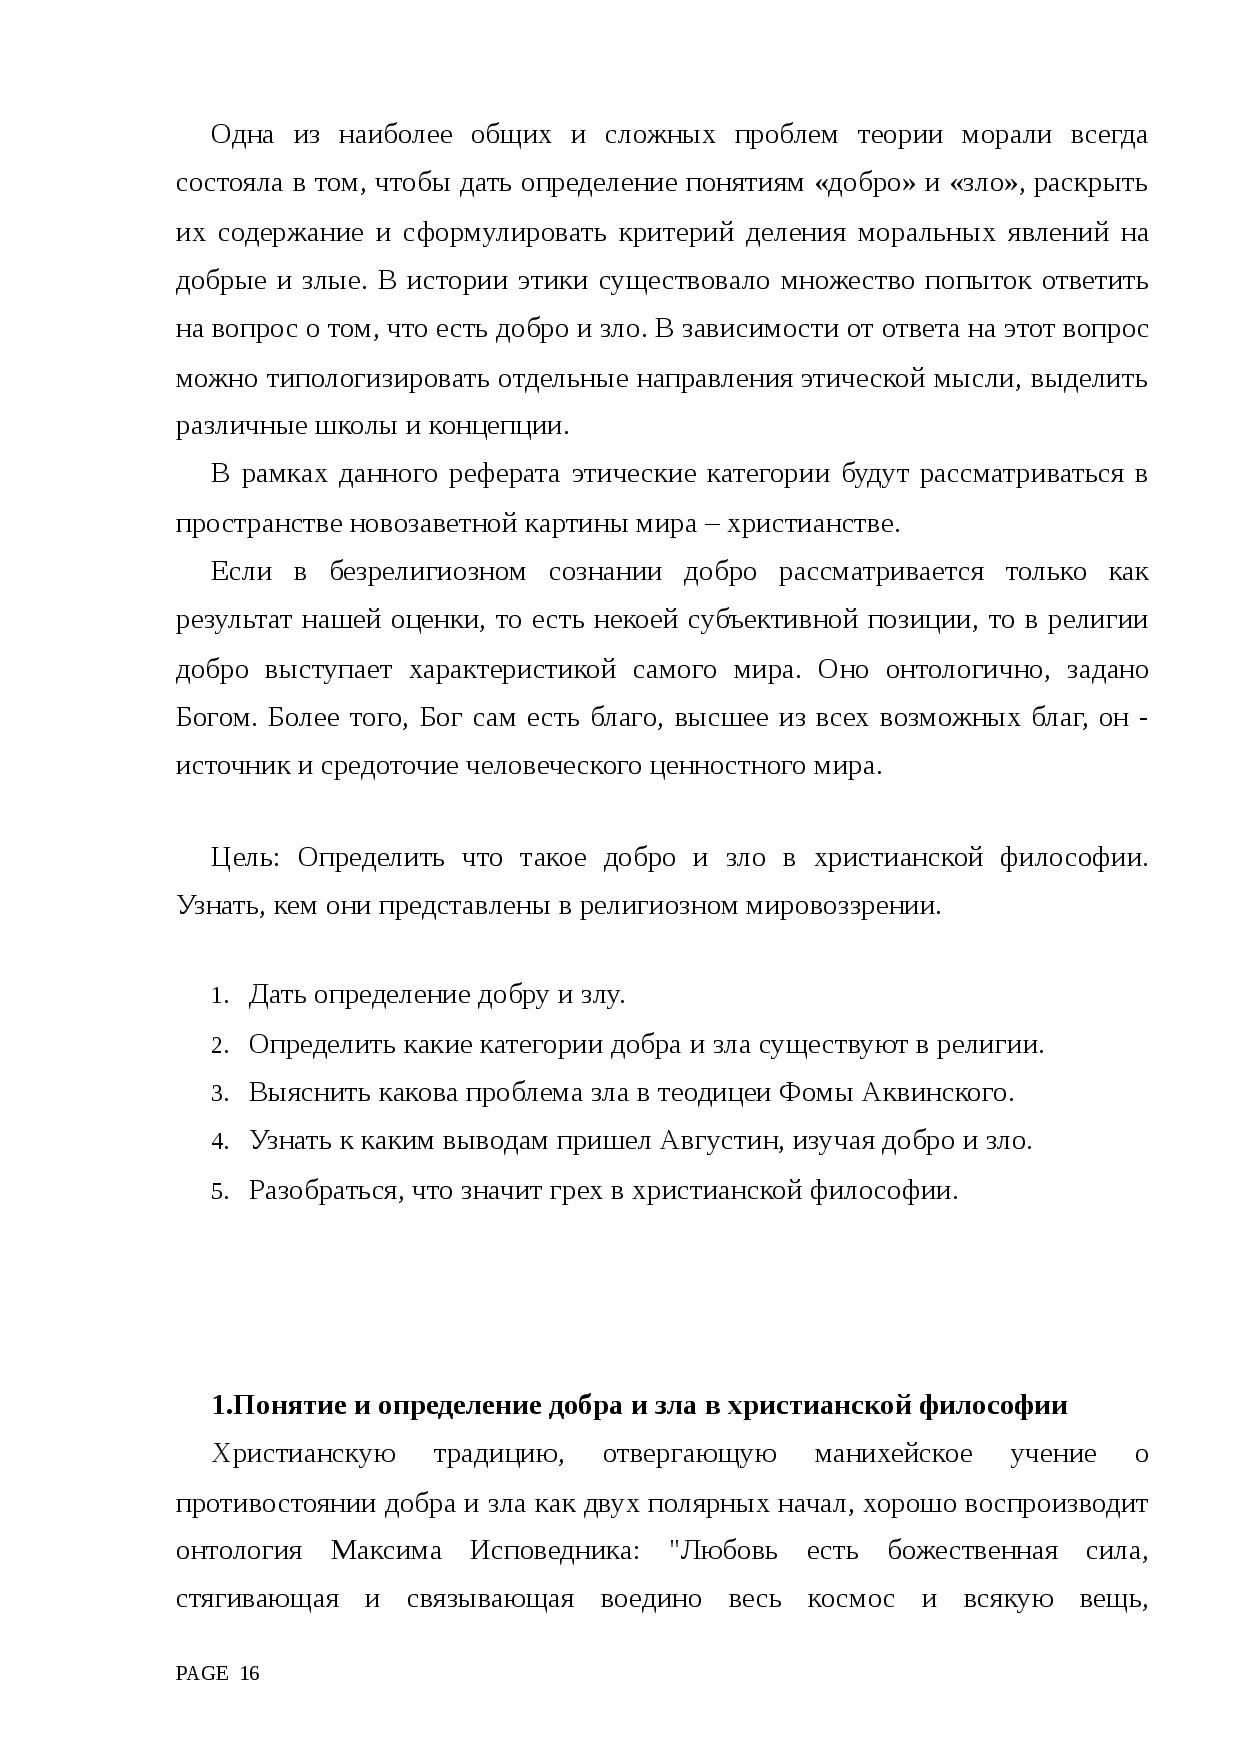 Структура современных религий — студопедия